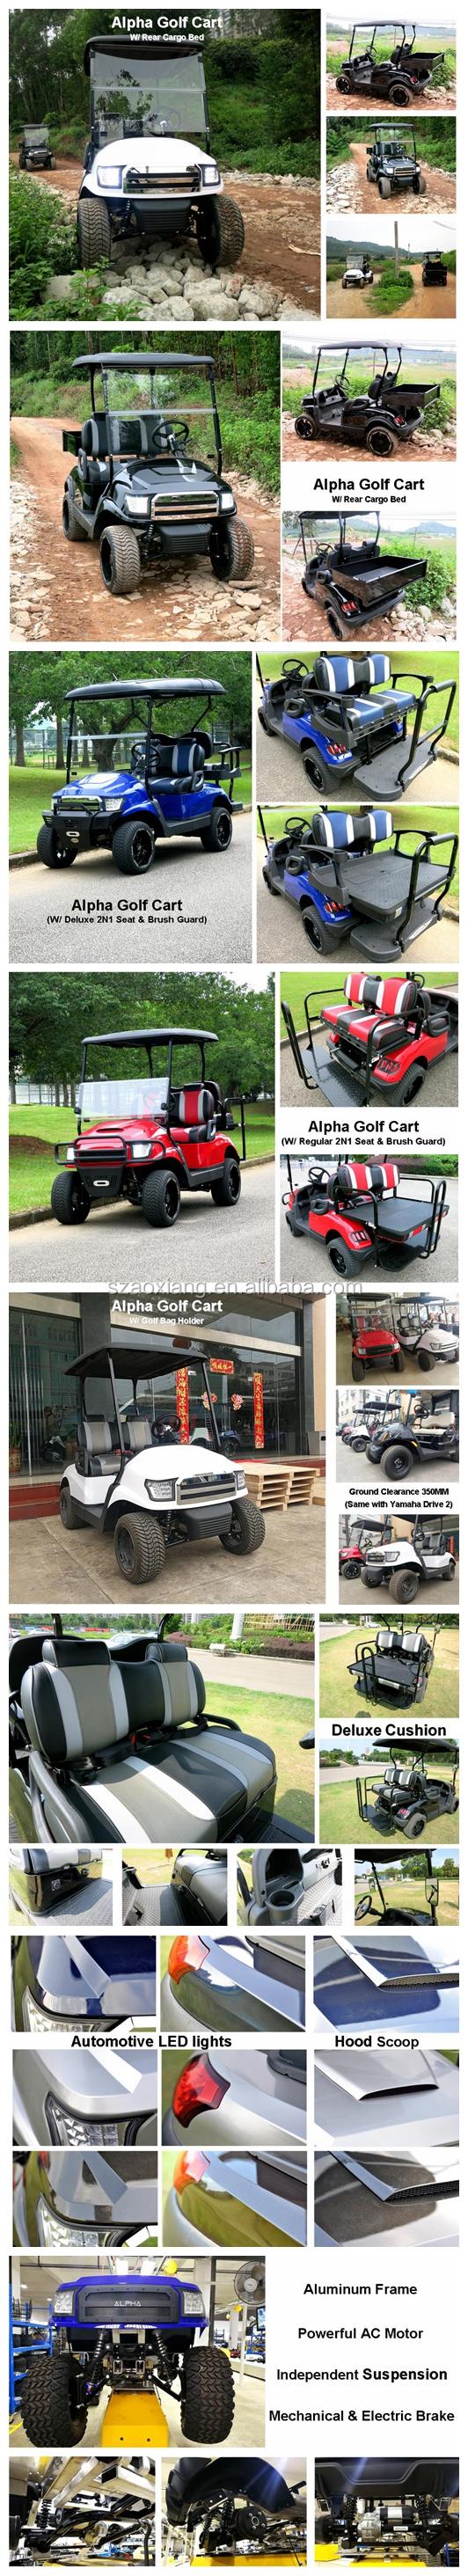 Street Legal Off-Road Elektrische Auto Jacht Golfkar 4 Passenger Goedkope Prijs Voor Verkoop